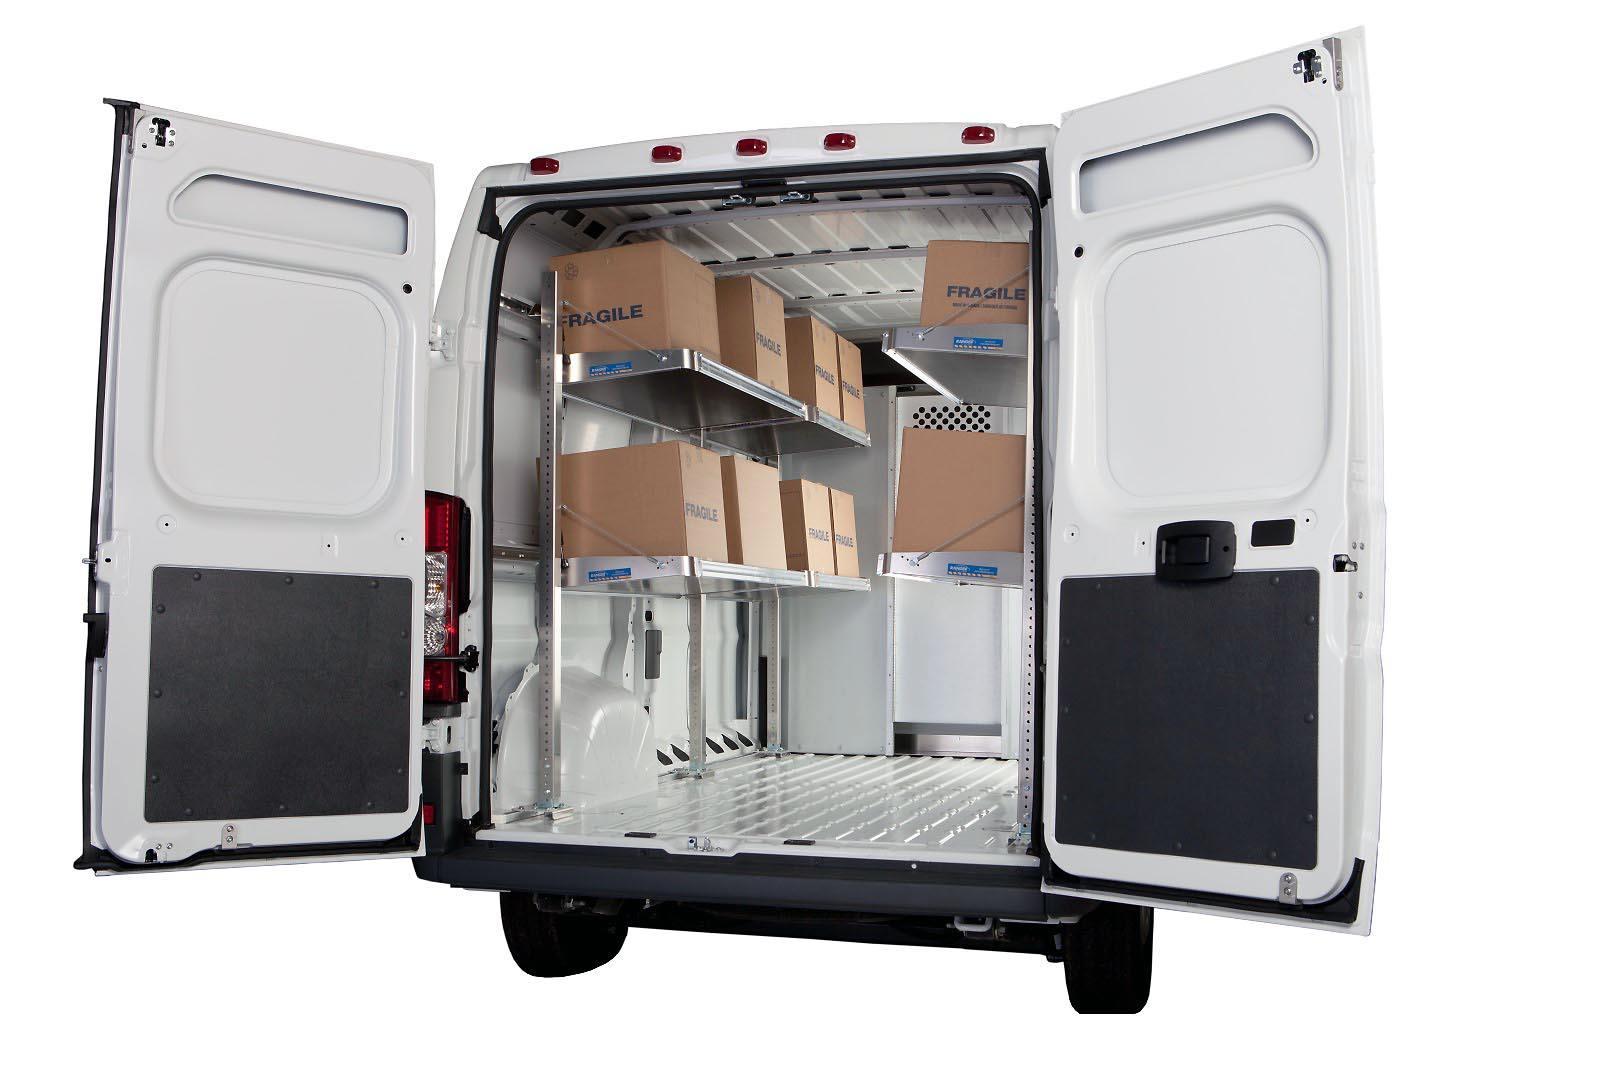 Nissan Cargo Van >> Ranger Design Delivery Package - Van Packages | Campway's ...